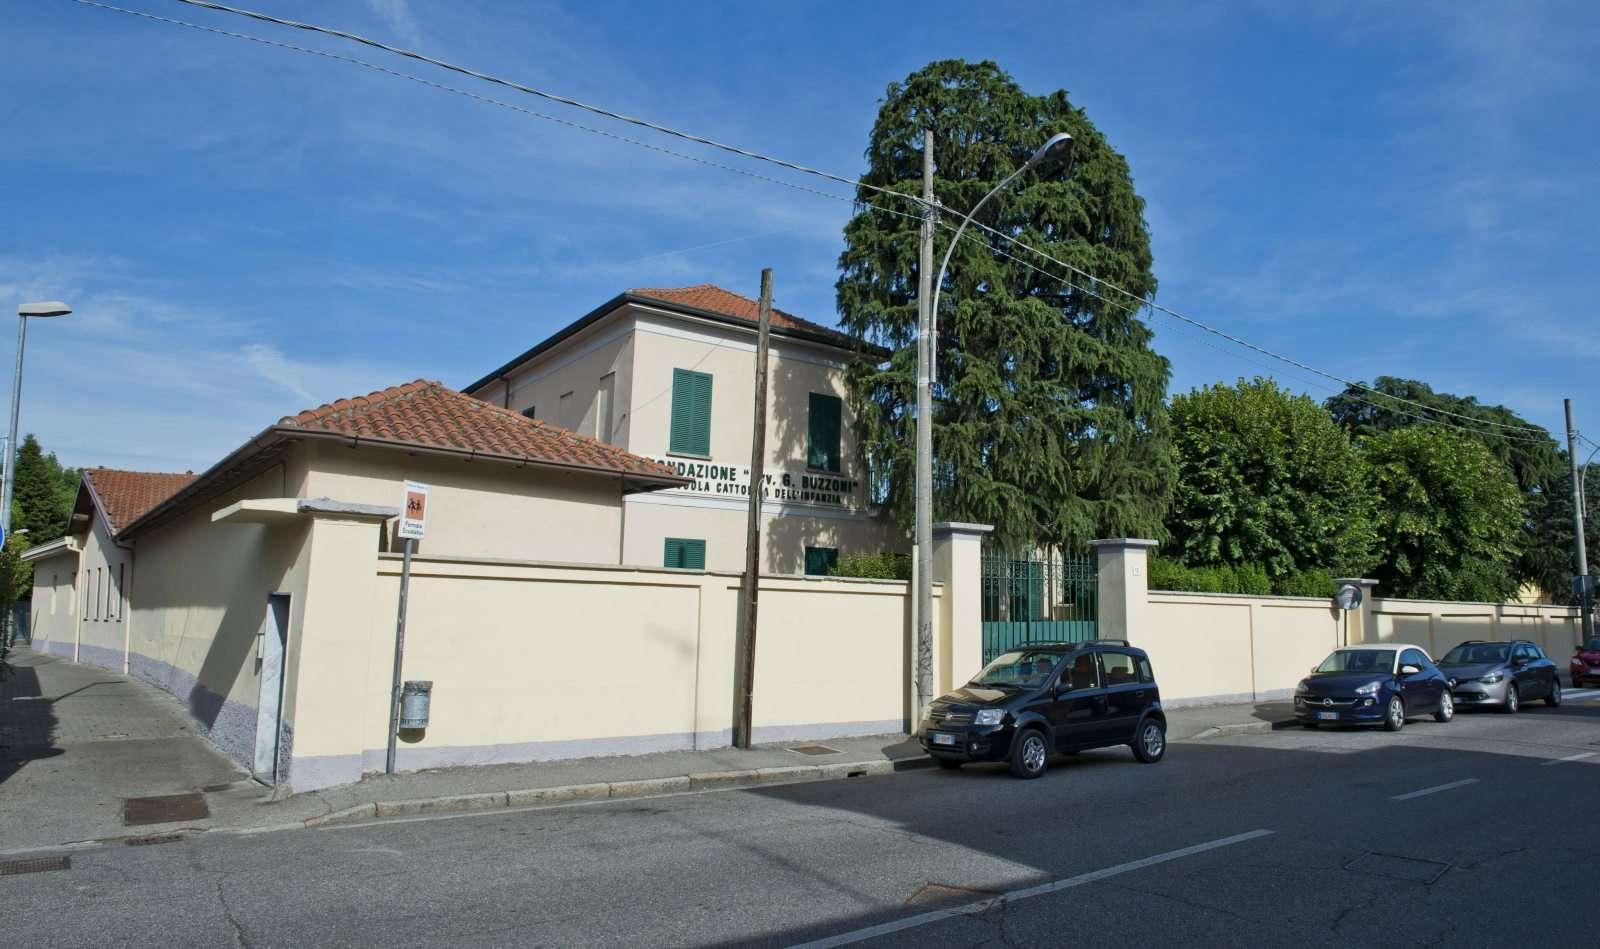 006 D4C 5548p Ridotte - Scuola Materna Peschiera Borromeo